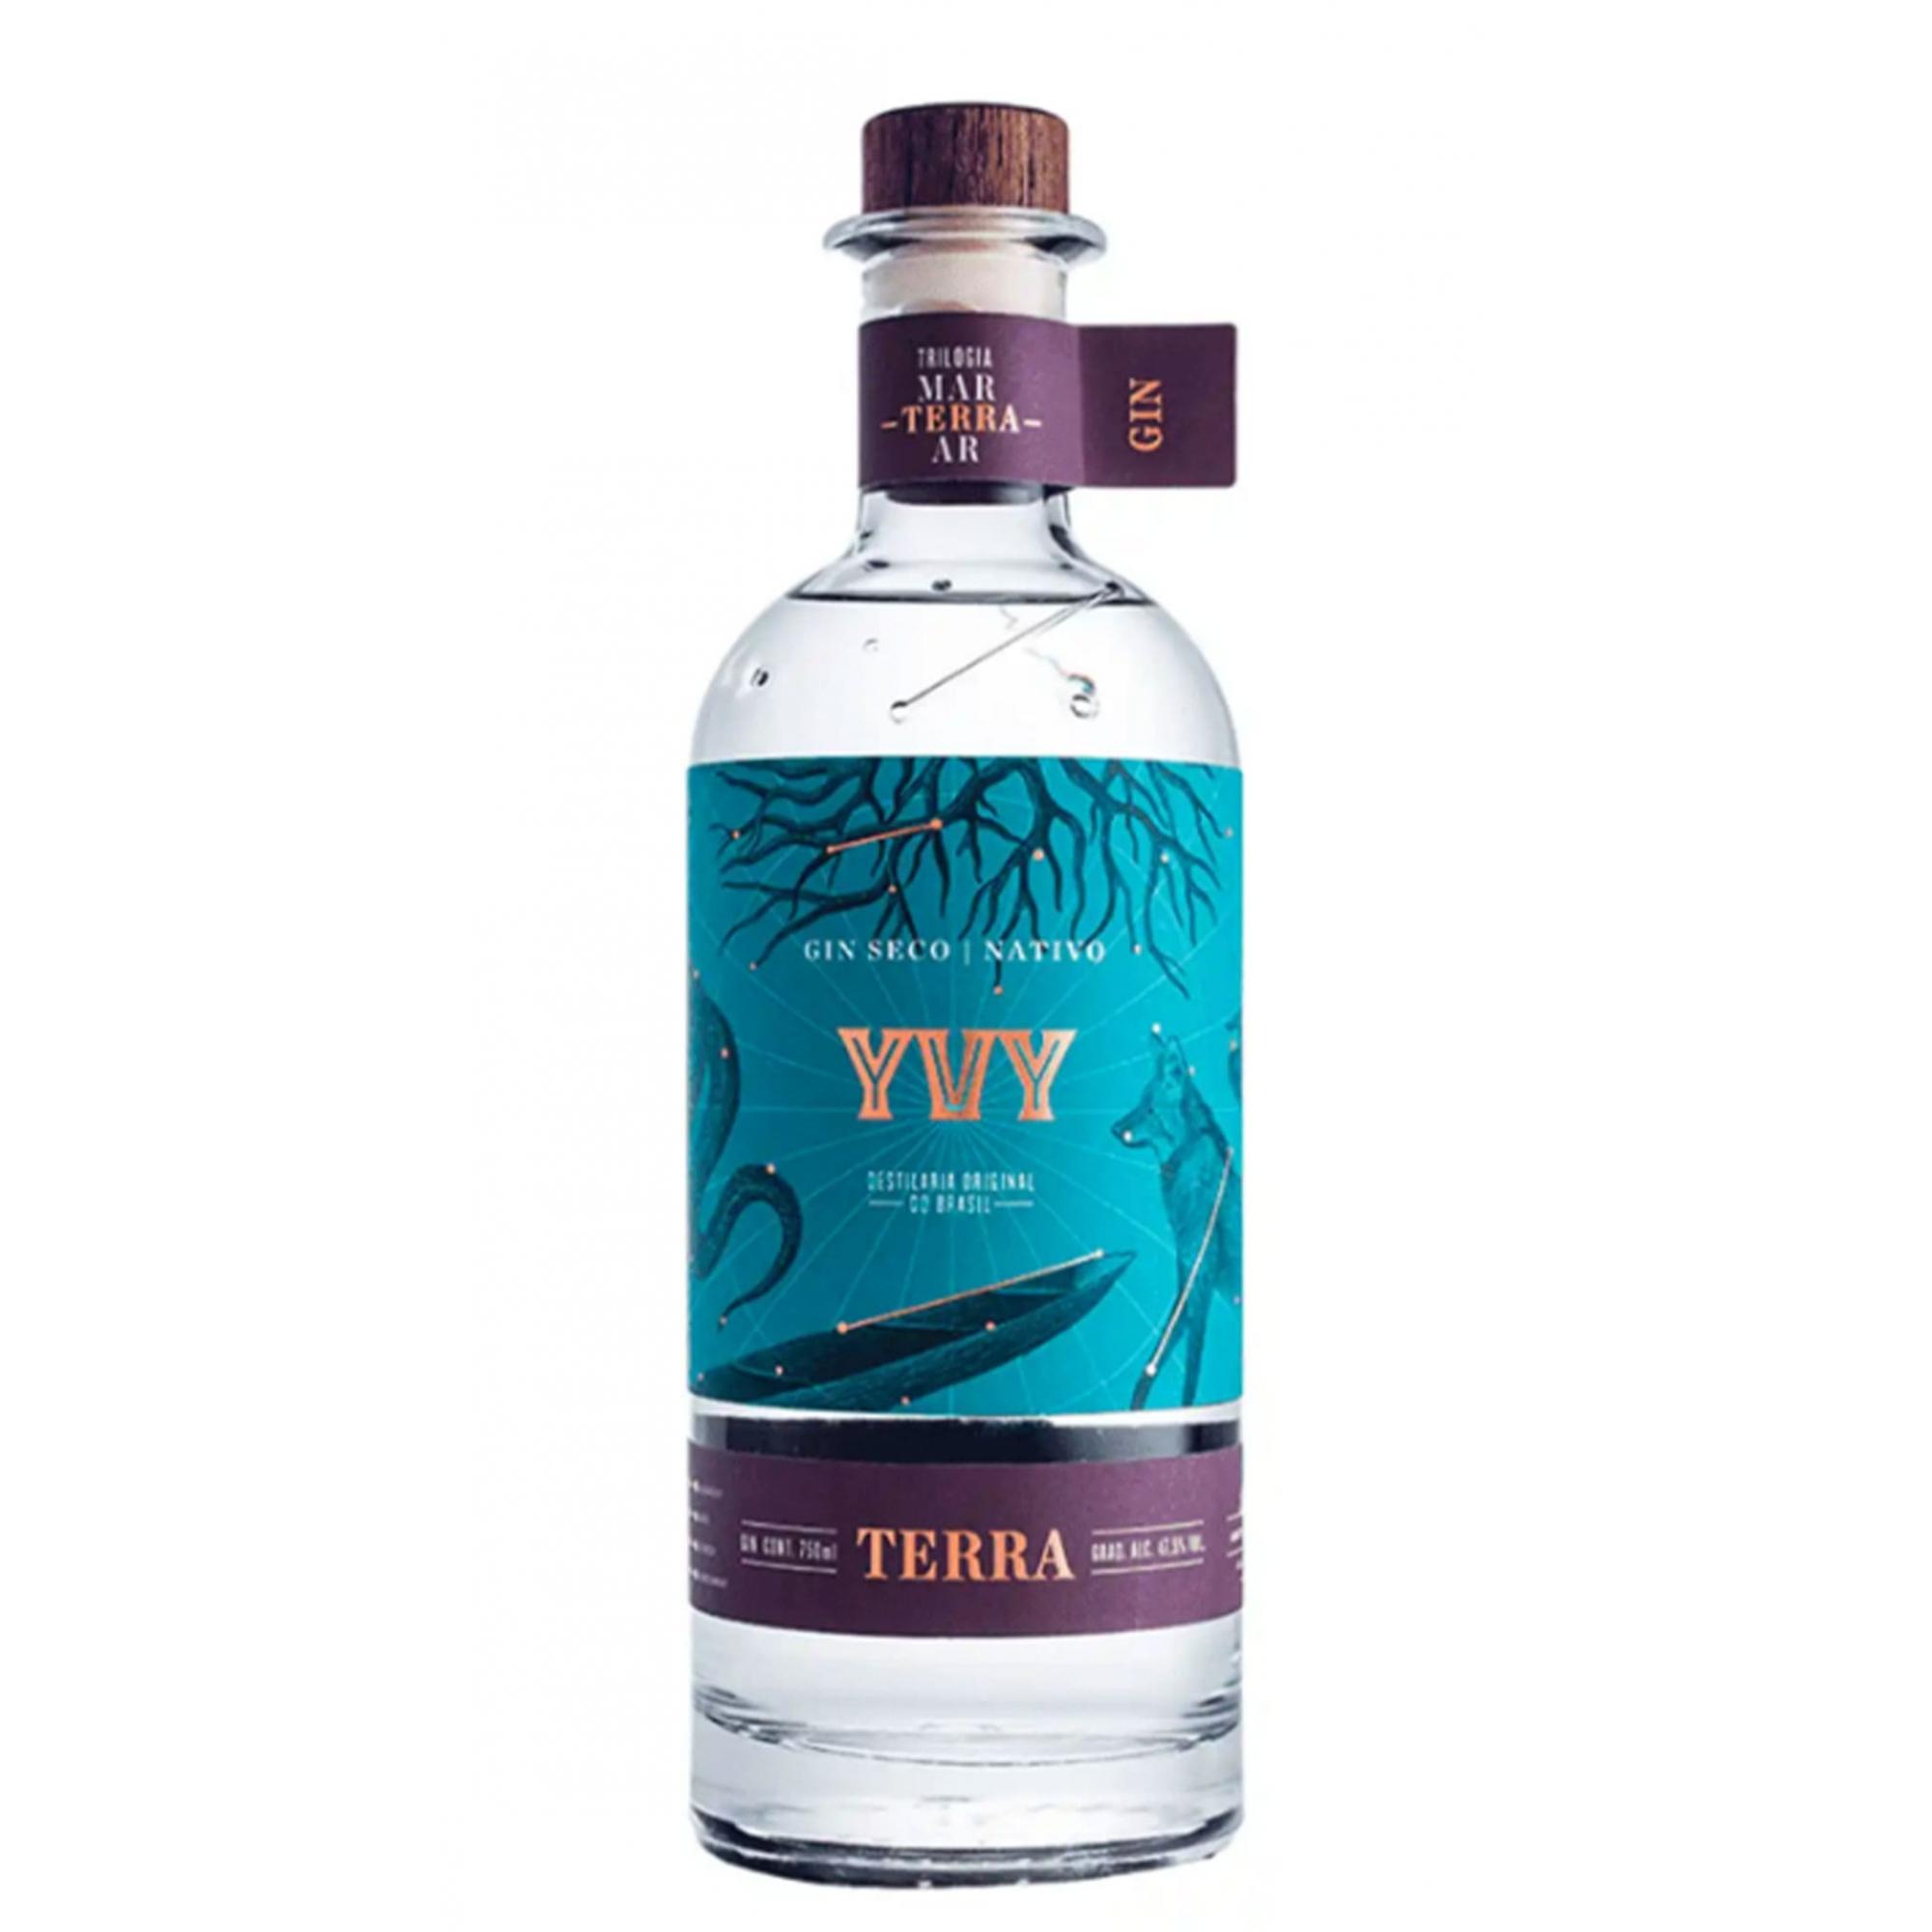 YVY Gin Terra 750ml